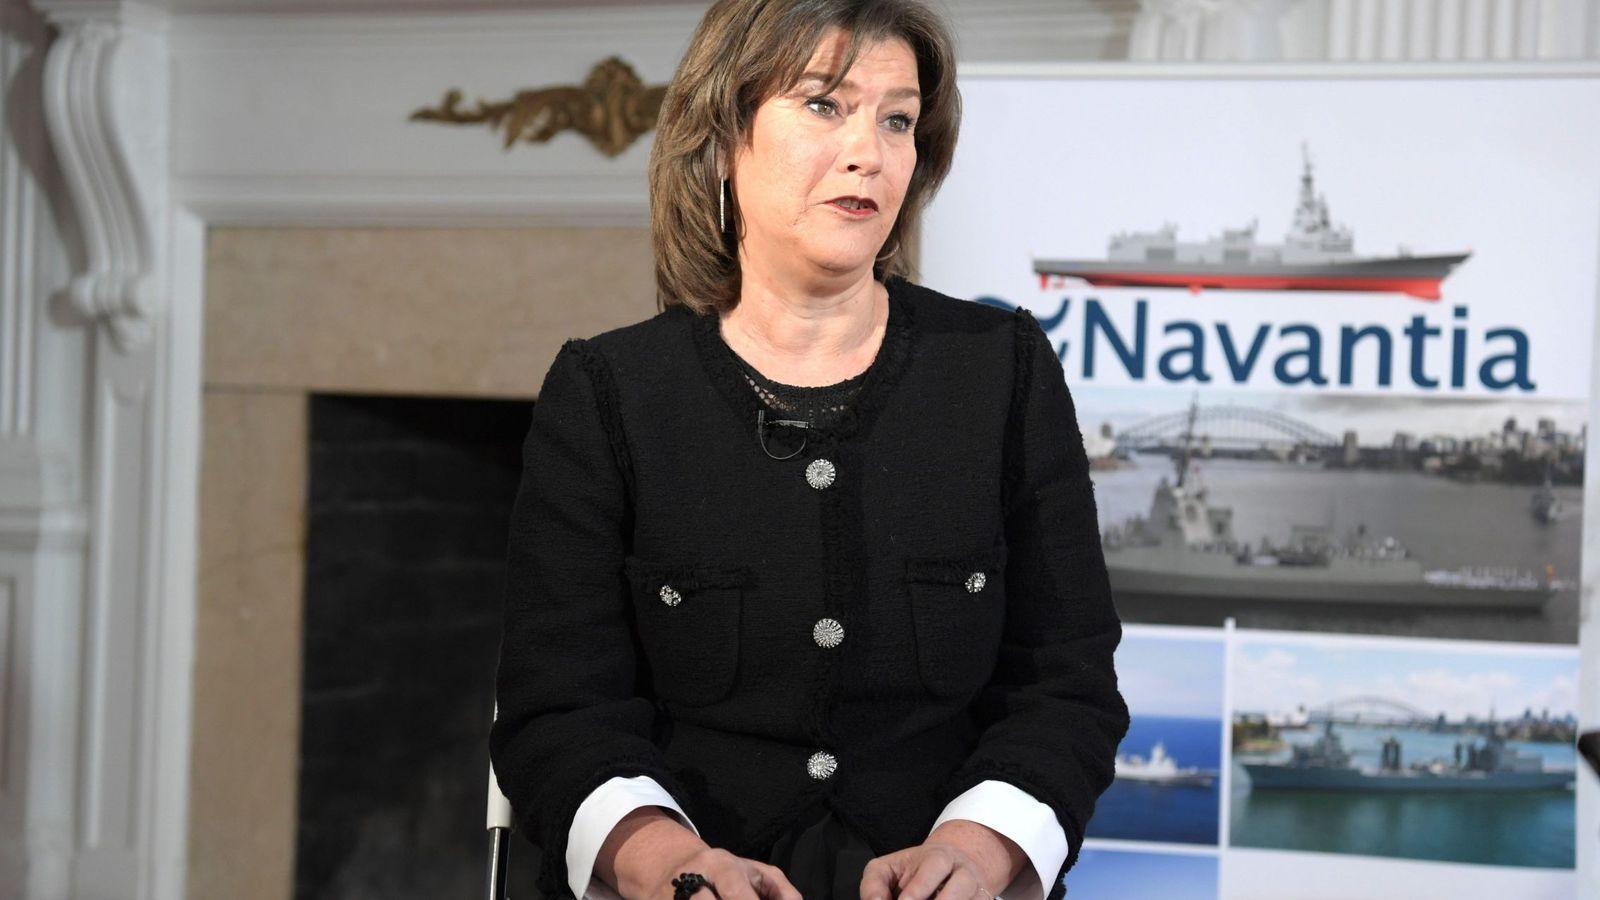 Foto: La presidenta del astillero español Navantia, Susana de Sarriá. (EFE)